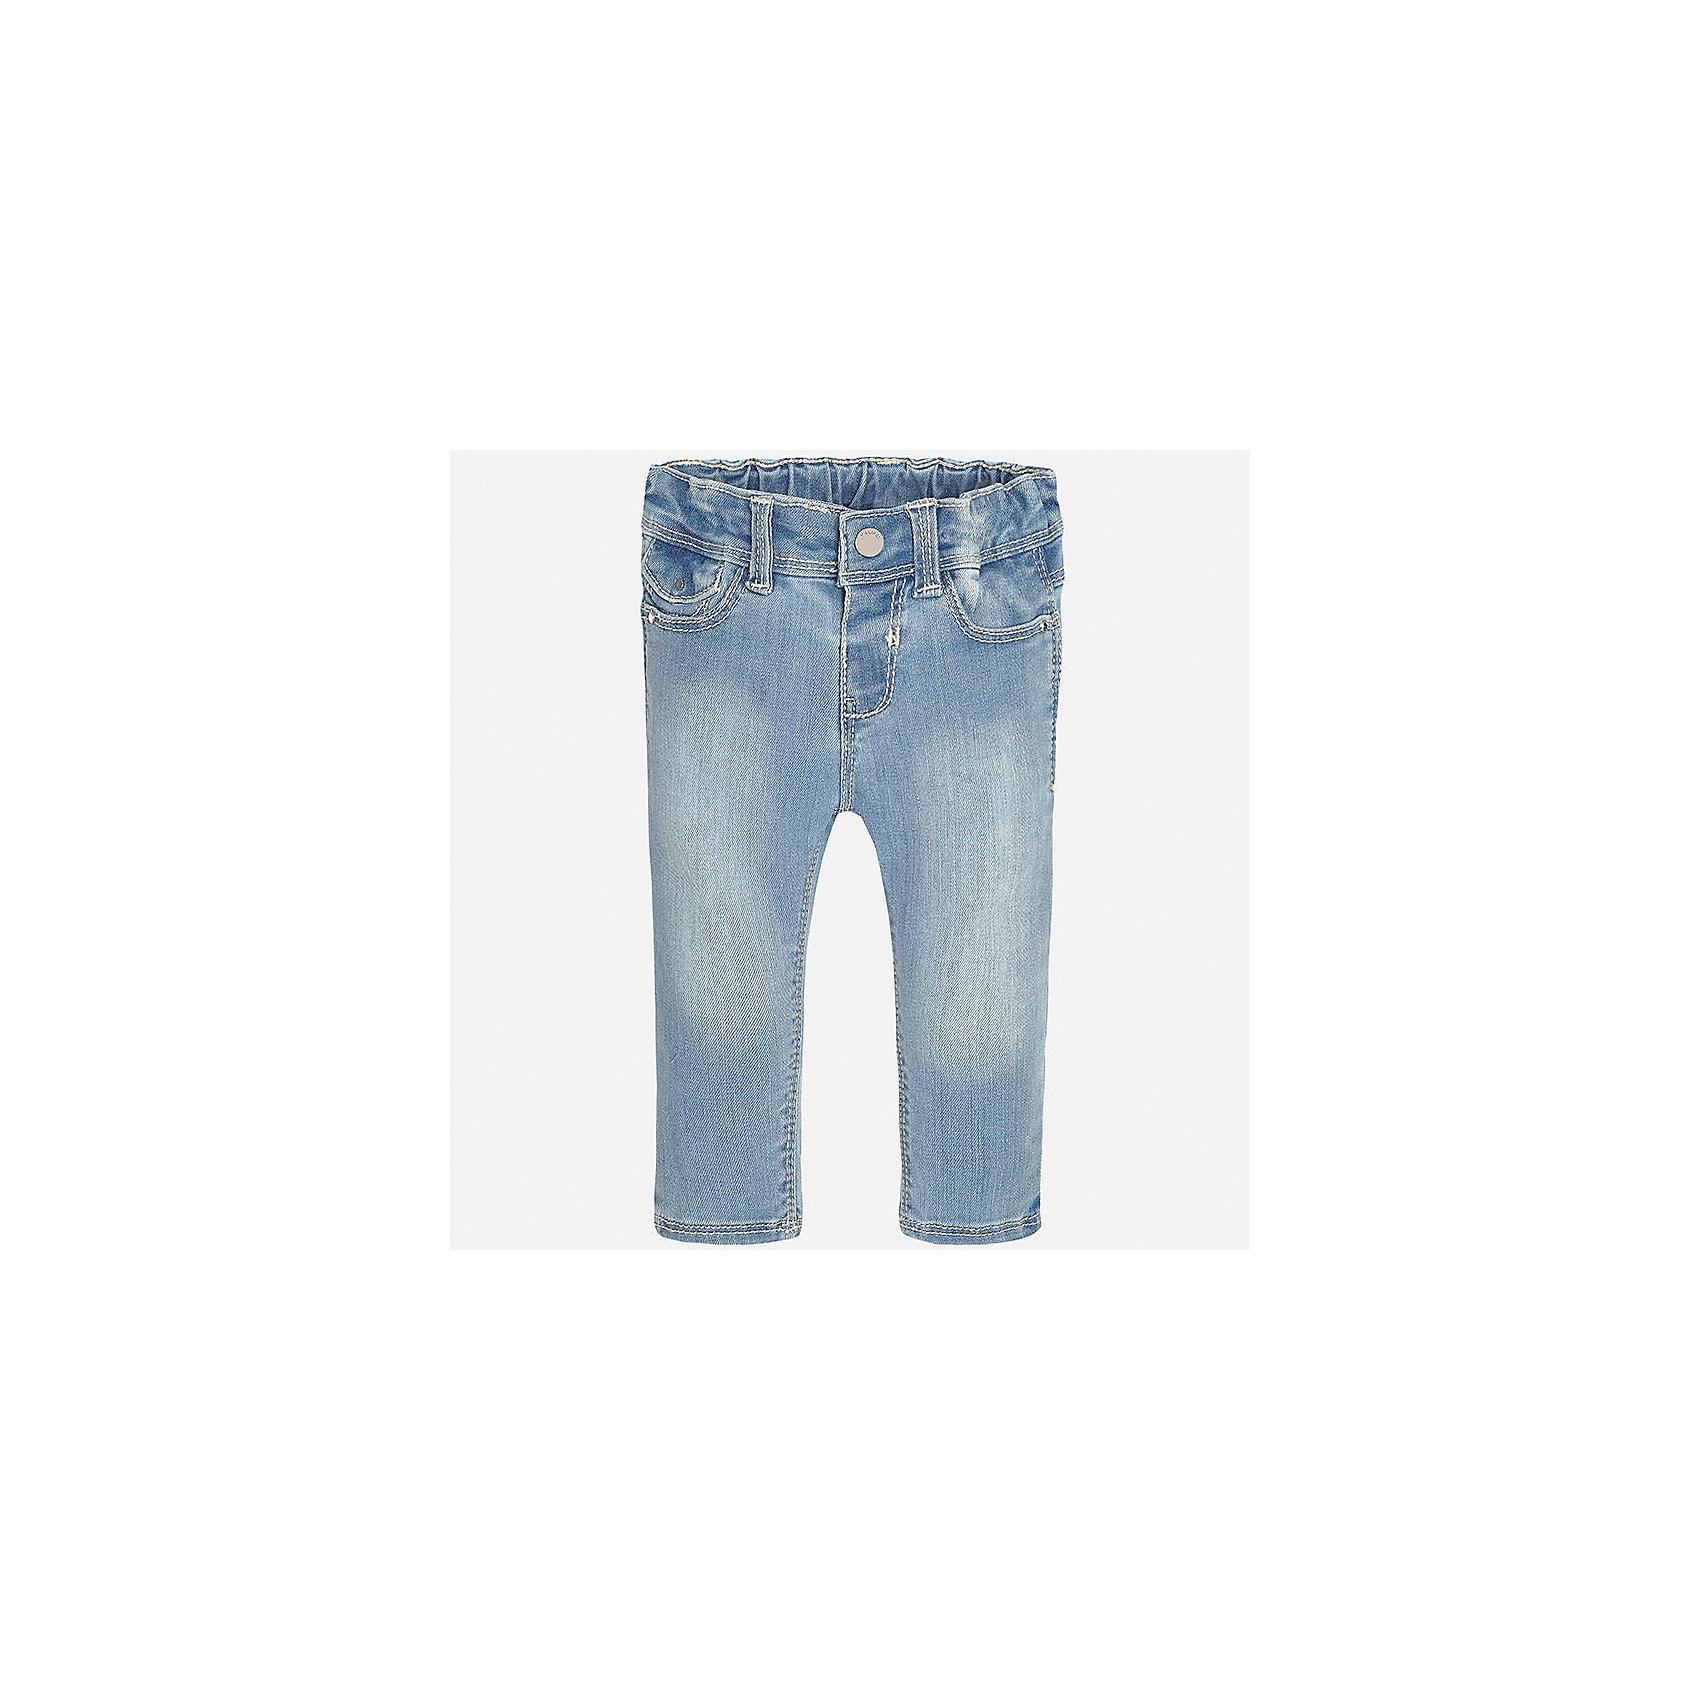 Джинсы для девочки MayoralДжинсы<br>Характеристики товара:<br><br>• цвет: голубой<br>• состав: 81% хлопок, 17% полиэстер, 2% эластан<br>• эффект потертости<br>• карманы<br>• пояс с регулировкой объема<br>• шлевки<br>• страна бренда: Испания<br><br>Стильные джинсы для девочки смогут разнообразить гардероб ребенка и украсить наряд. Они отлично сочетаются с майками, футболками, блузками. Красивый оттенок позволяет подобрать к вещи верх разных расцветок. Интересный крой модели делает её нарядной и оригинальной. В составе материала - натуральный хлопок, гипоаллергенный, приятный на ощупь, дышащий.<br><br>Одежда, обувь и аксессуары от испанского бренда Mayoral полюбились детям и взрослым по всему миру. Модели этой марки - стильные и удобные. Для их производства используются только безопасные, качественные материалы и фурнитура. Порадуйте ребенка модными и красивыми вещами от Mayoral! <br><br>Джинсы для девочки от испанского бренда Mayoral (Майорал) можно купить в нашем интернет-магазине.<br><br>Ширина мм: 215<br>Глубина мм: 88<br>Высота мм: 191<br>Вес г: 336<br>Цвет: синий<br>Возраст от месяцев: 12<br>Возраст до месяцев: 18<br>Пол: Женский<br>Возраст: Детский<br>Размер: 86,74,92,80<br>SKU: 5288483